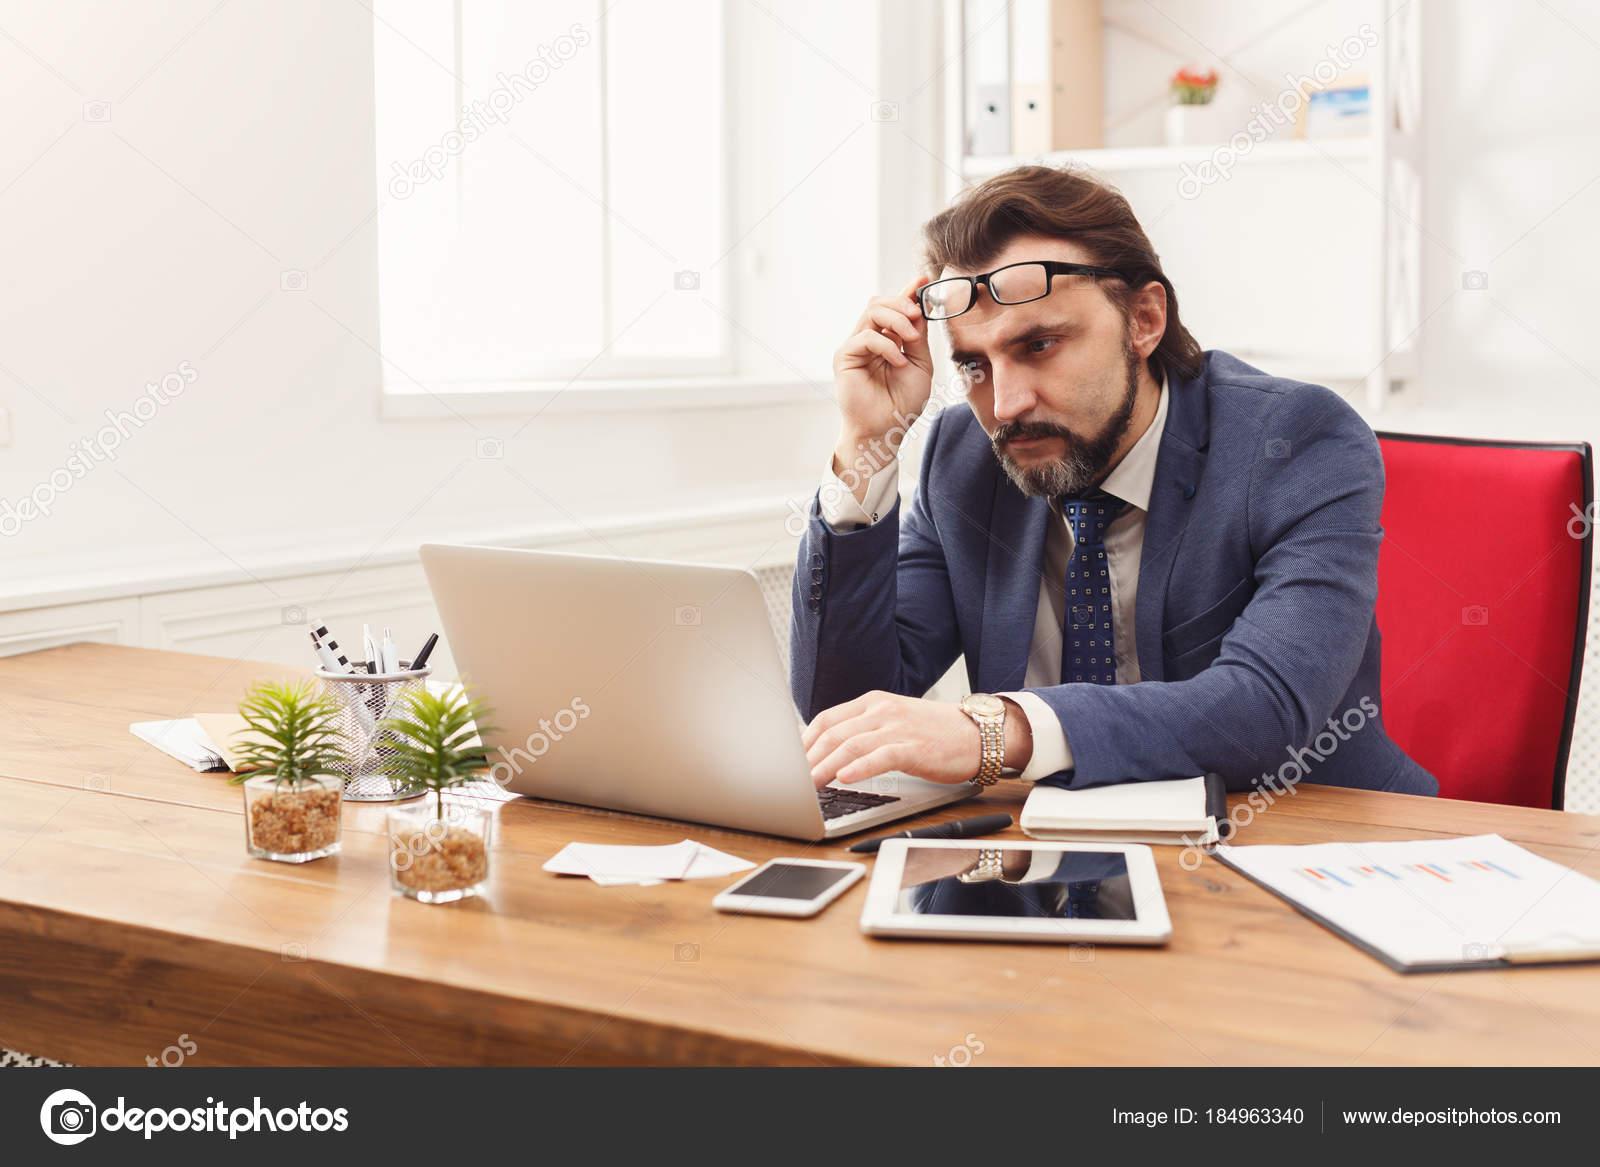 d1e137a3167d9 Concentrado hombre de negocios trabajando en ordenador portátil en interior  de oficina blanco. Considerado empleado en el trabajo con la computadora